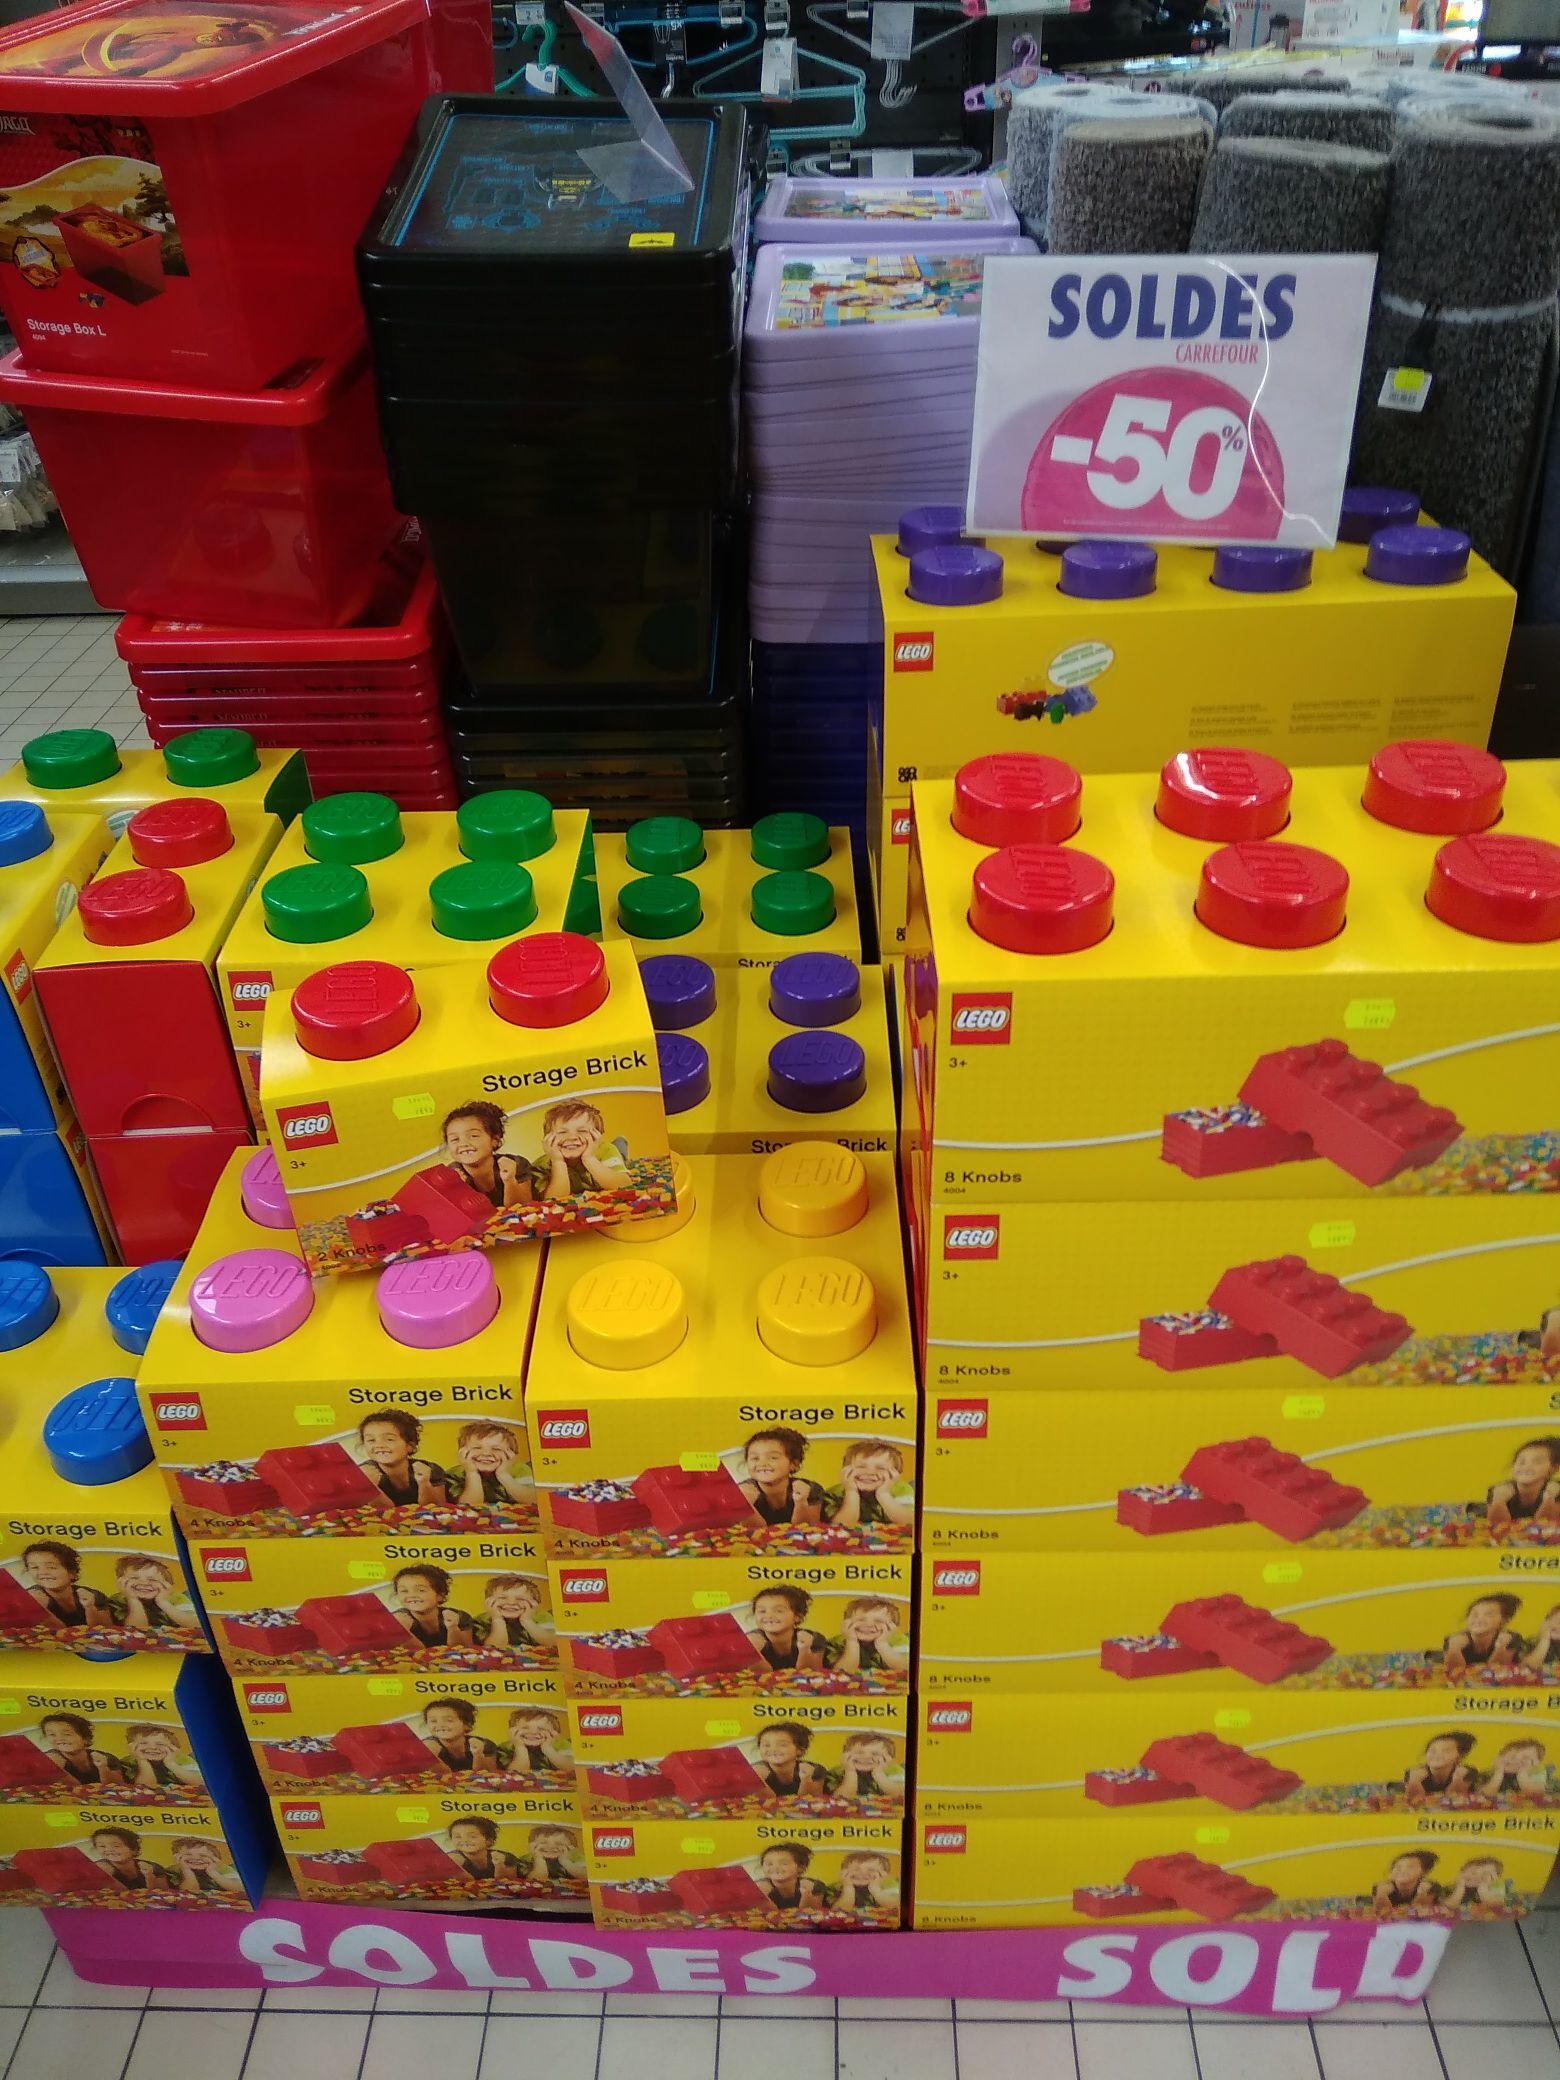 Boite rangement Lego (Plusieurs coloris) - Anglet (64)